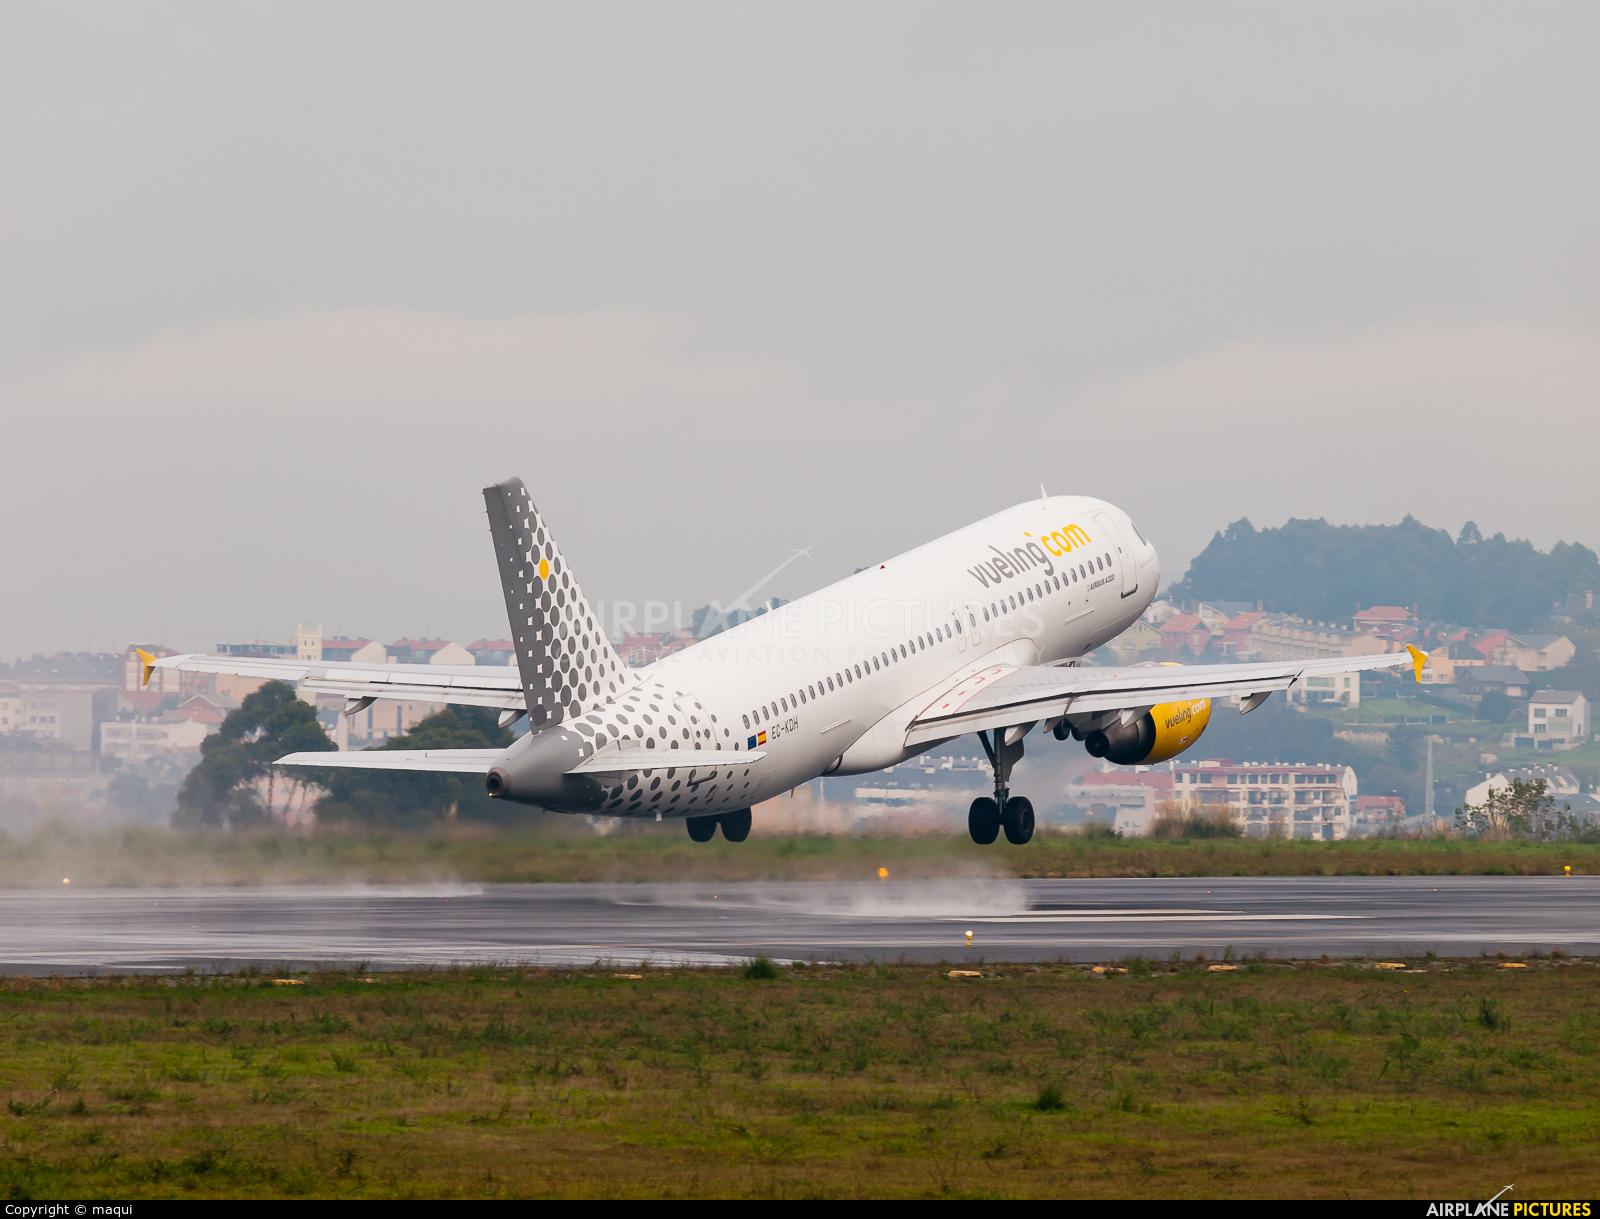 Vueling Airlines EC-KDH aircraft at La Coruña